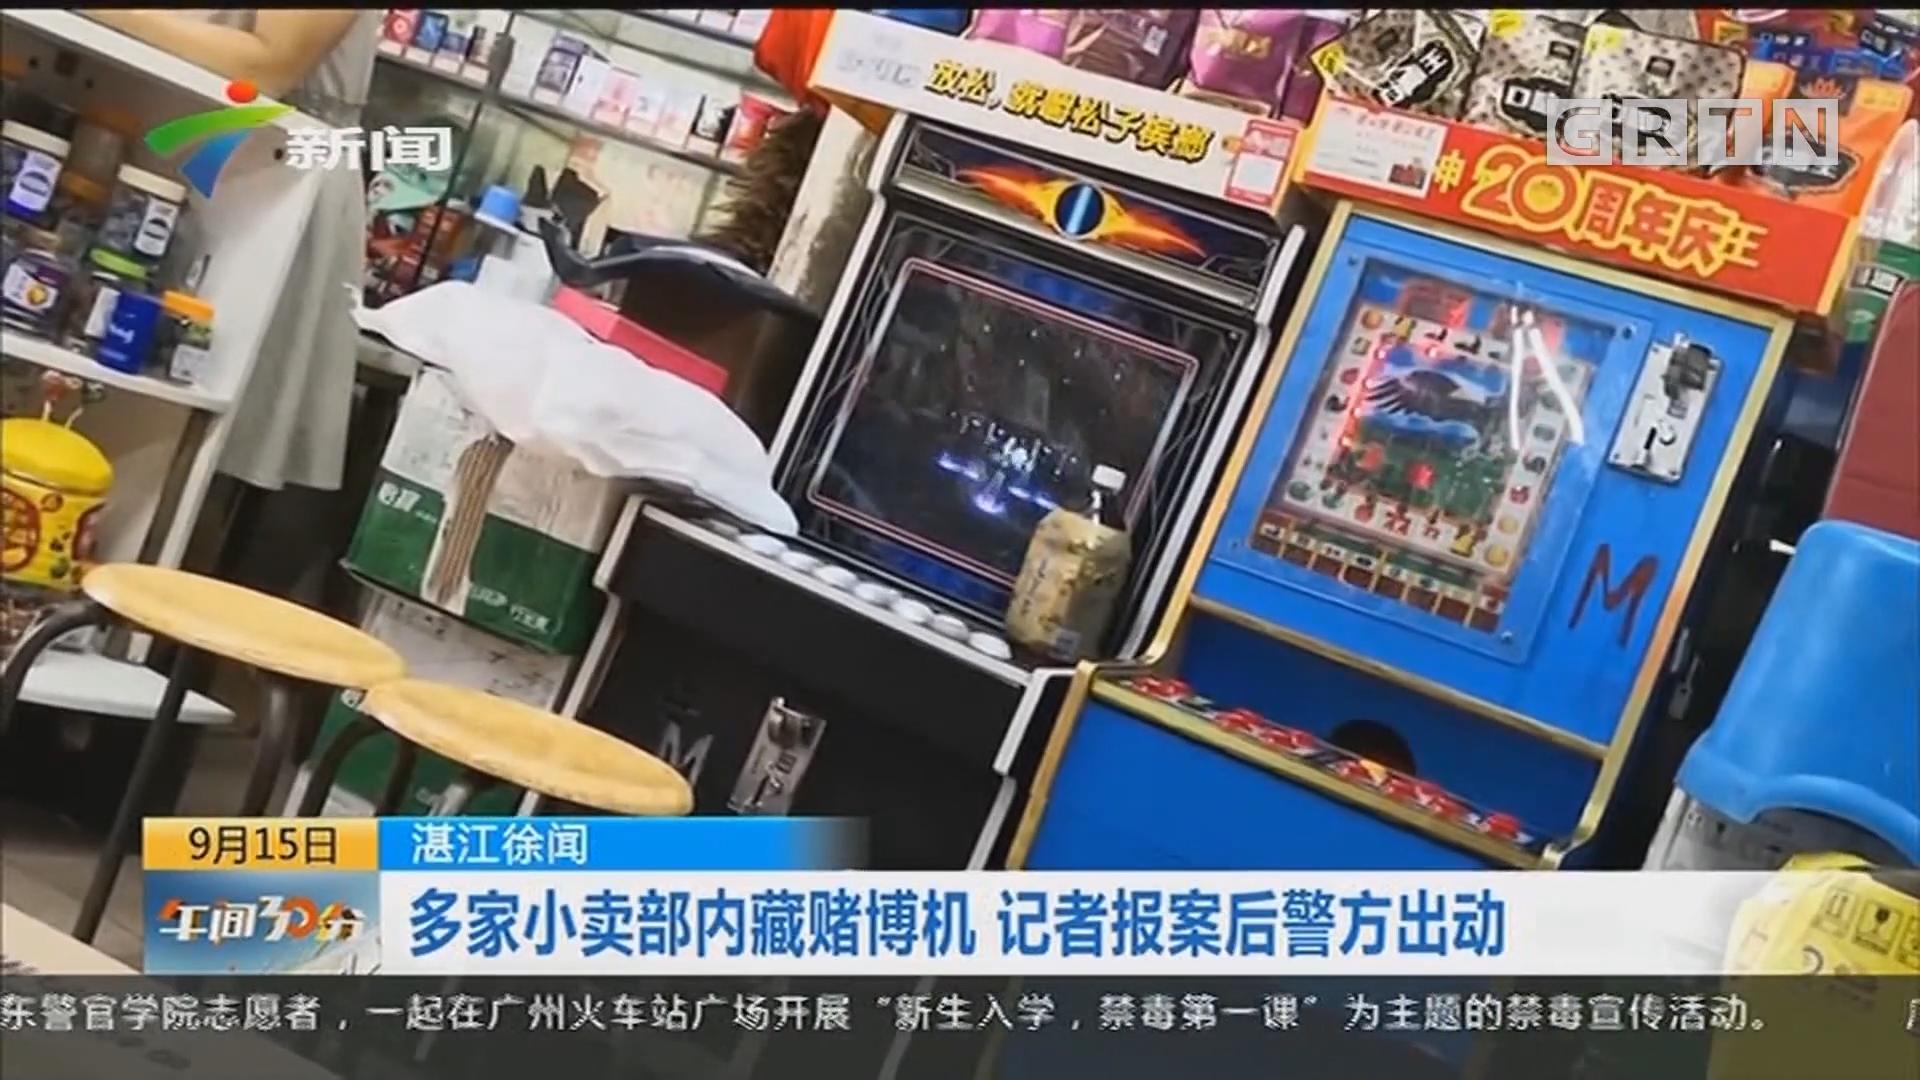 湛江徐闻:多家小卖部内藏赌博机 记者报案后警方出动